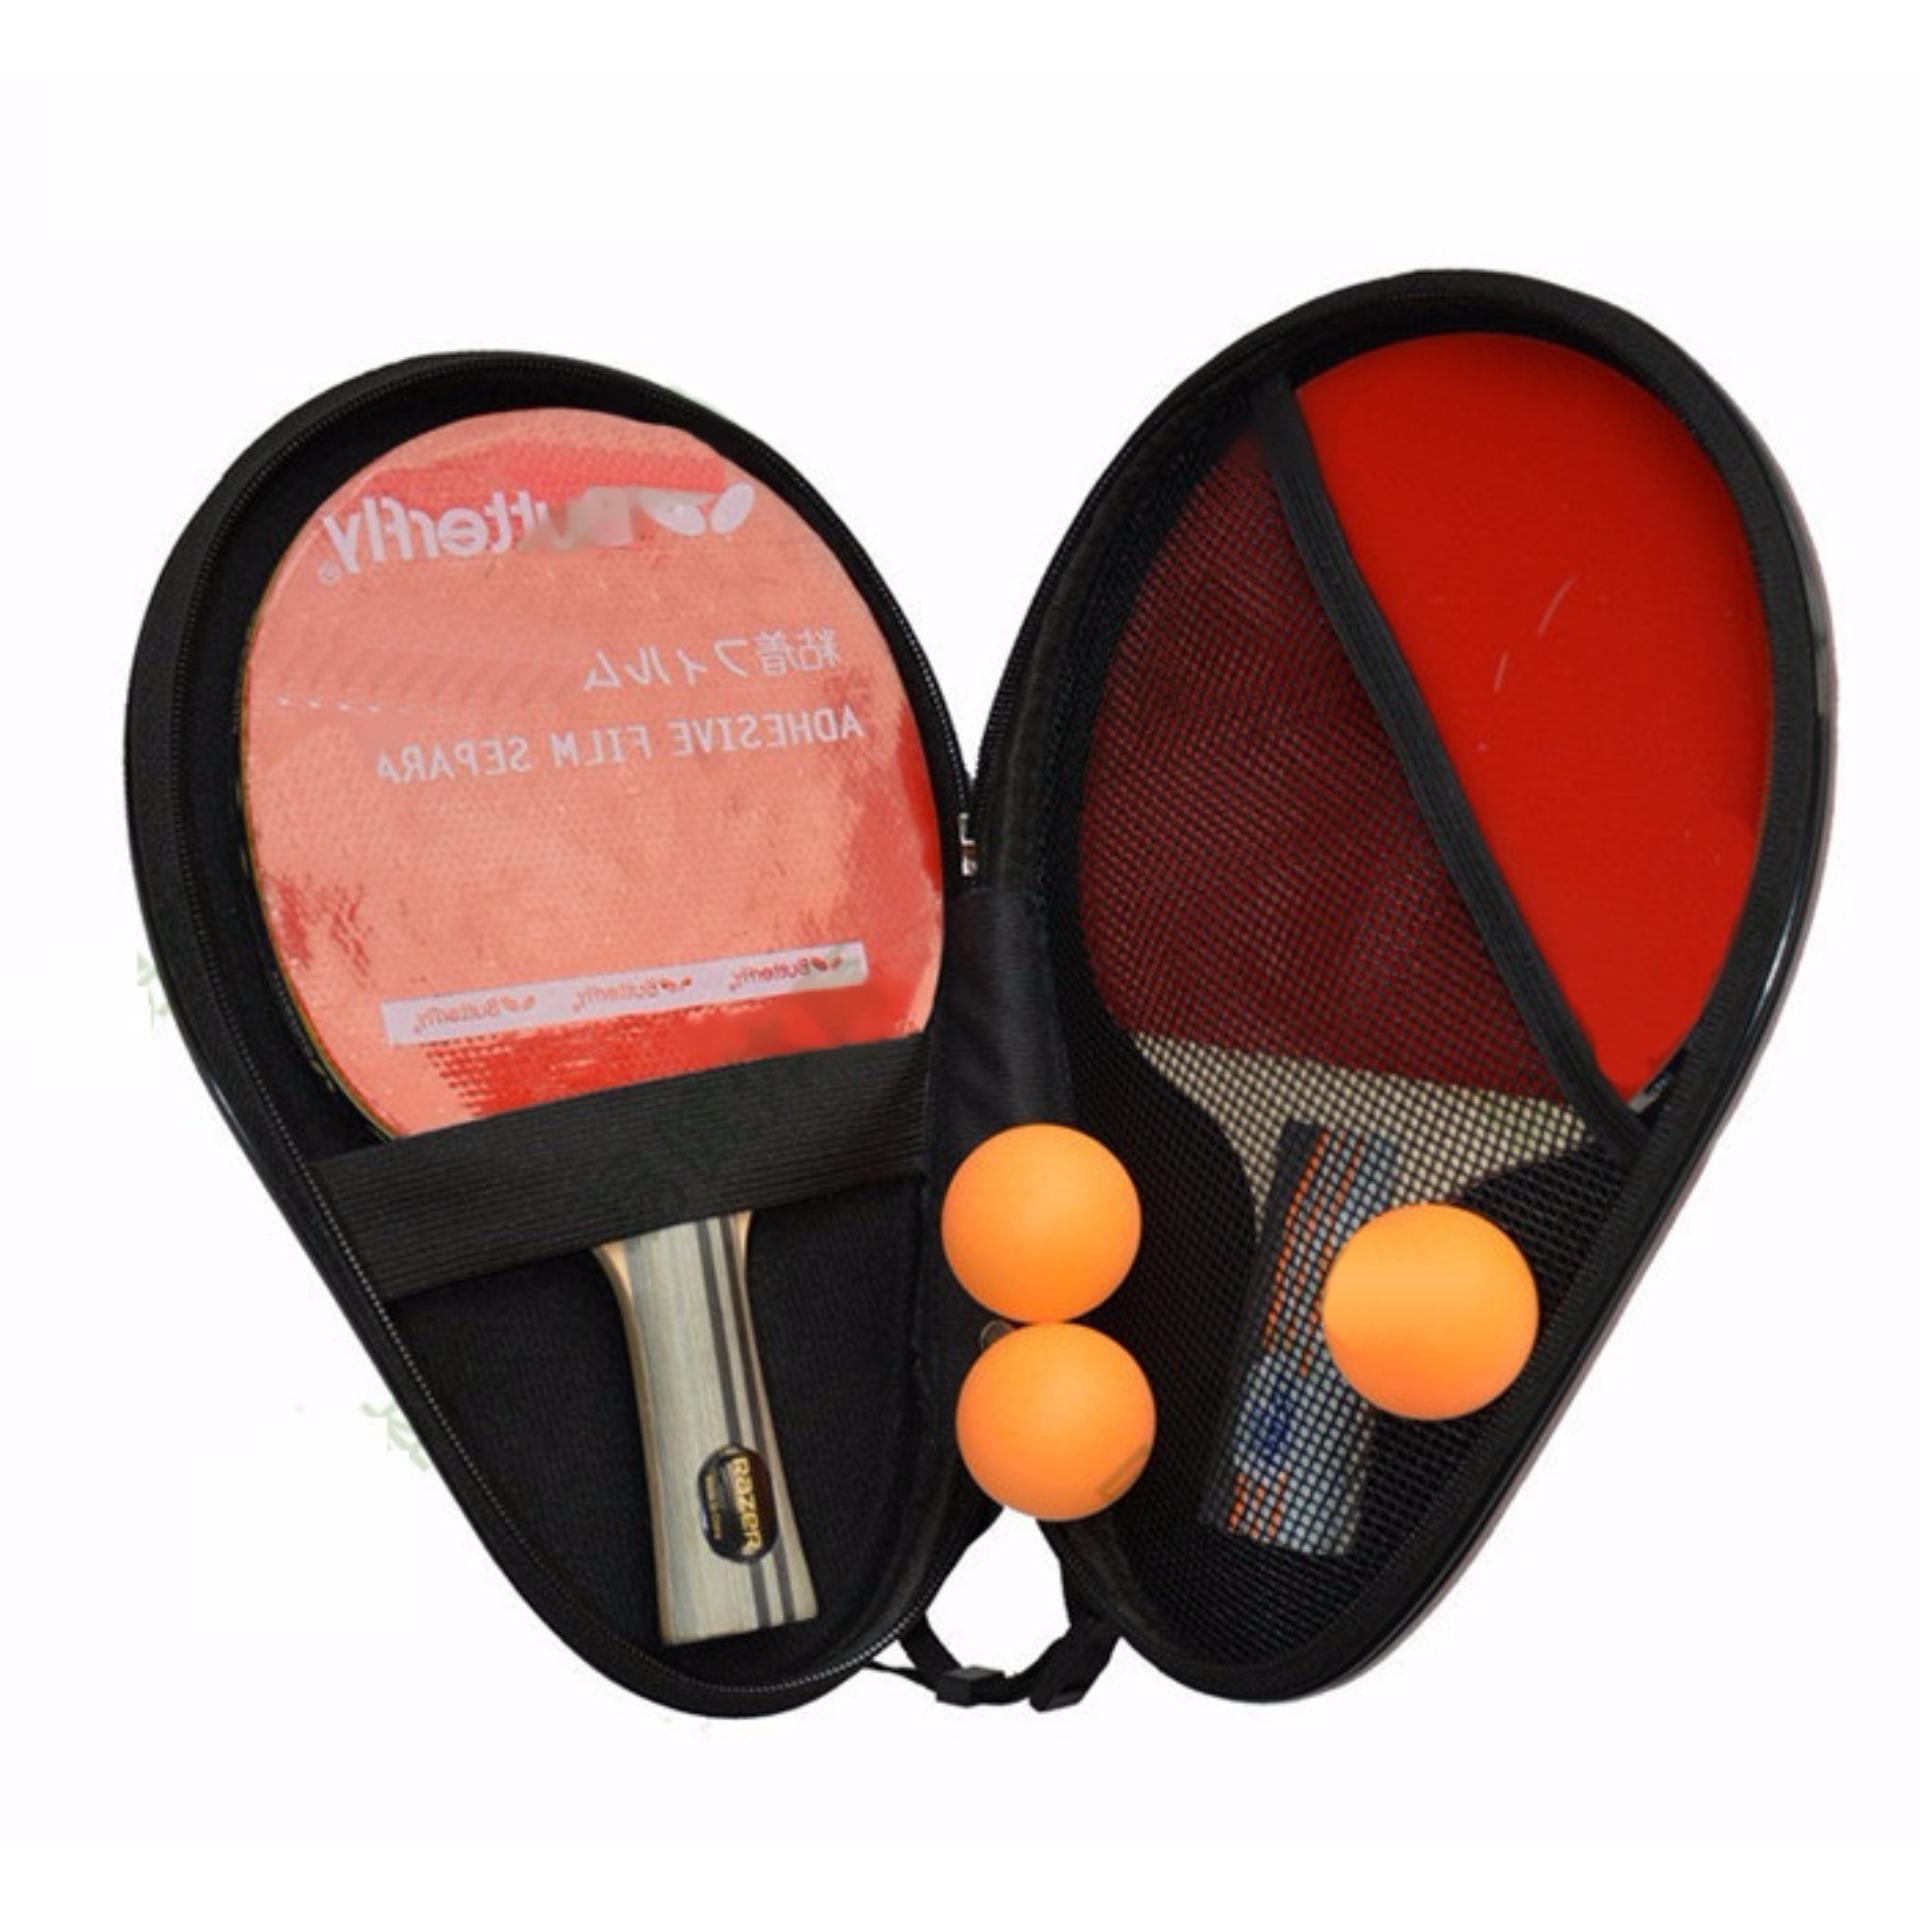 Bao đựng vợt bóng bàn, túi đựng vợt bóng bàn cứng cáp bảo vệ tuyệt đối vợt; chất liệu cao cấp  POPO Sports - 1